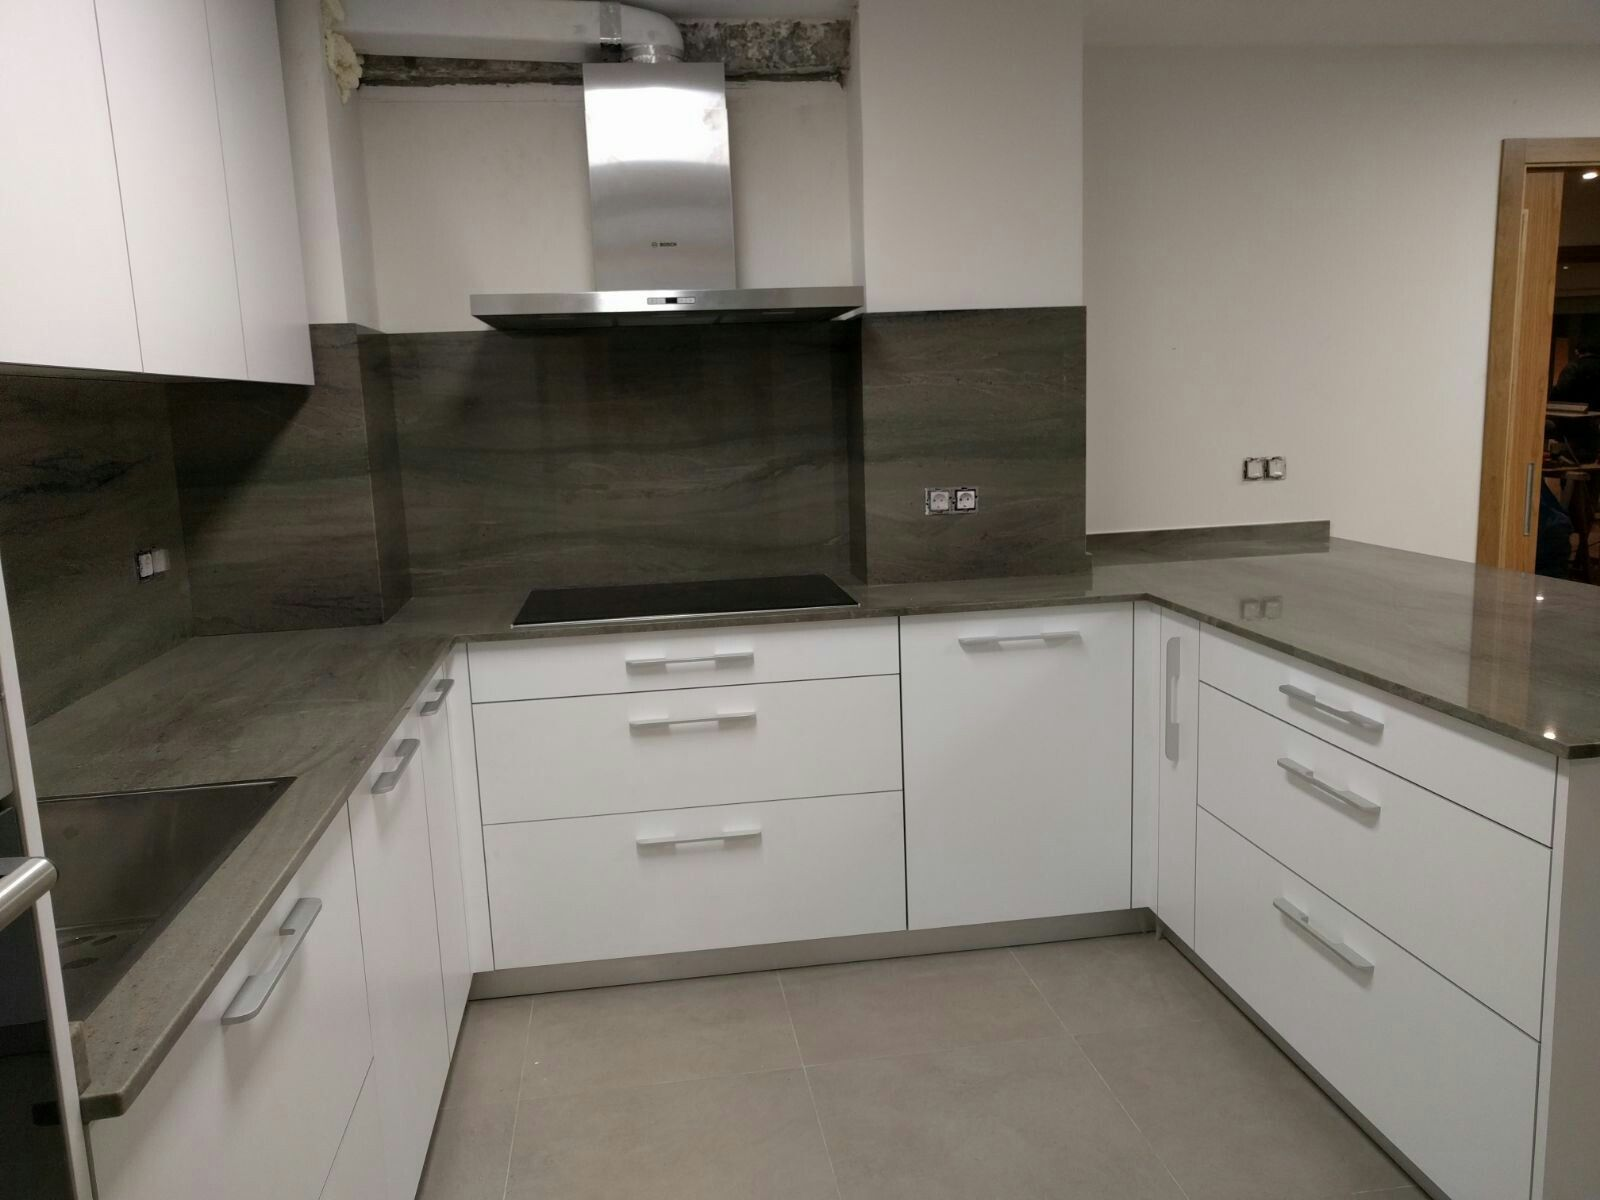 Cocina moderna blanco con encimera y frente en granito - Encimera granito blanco ...